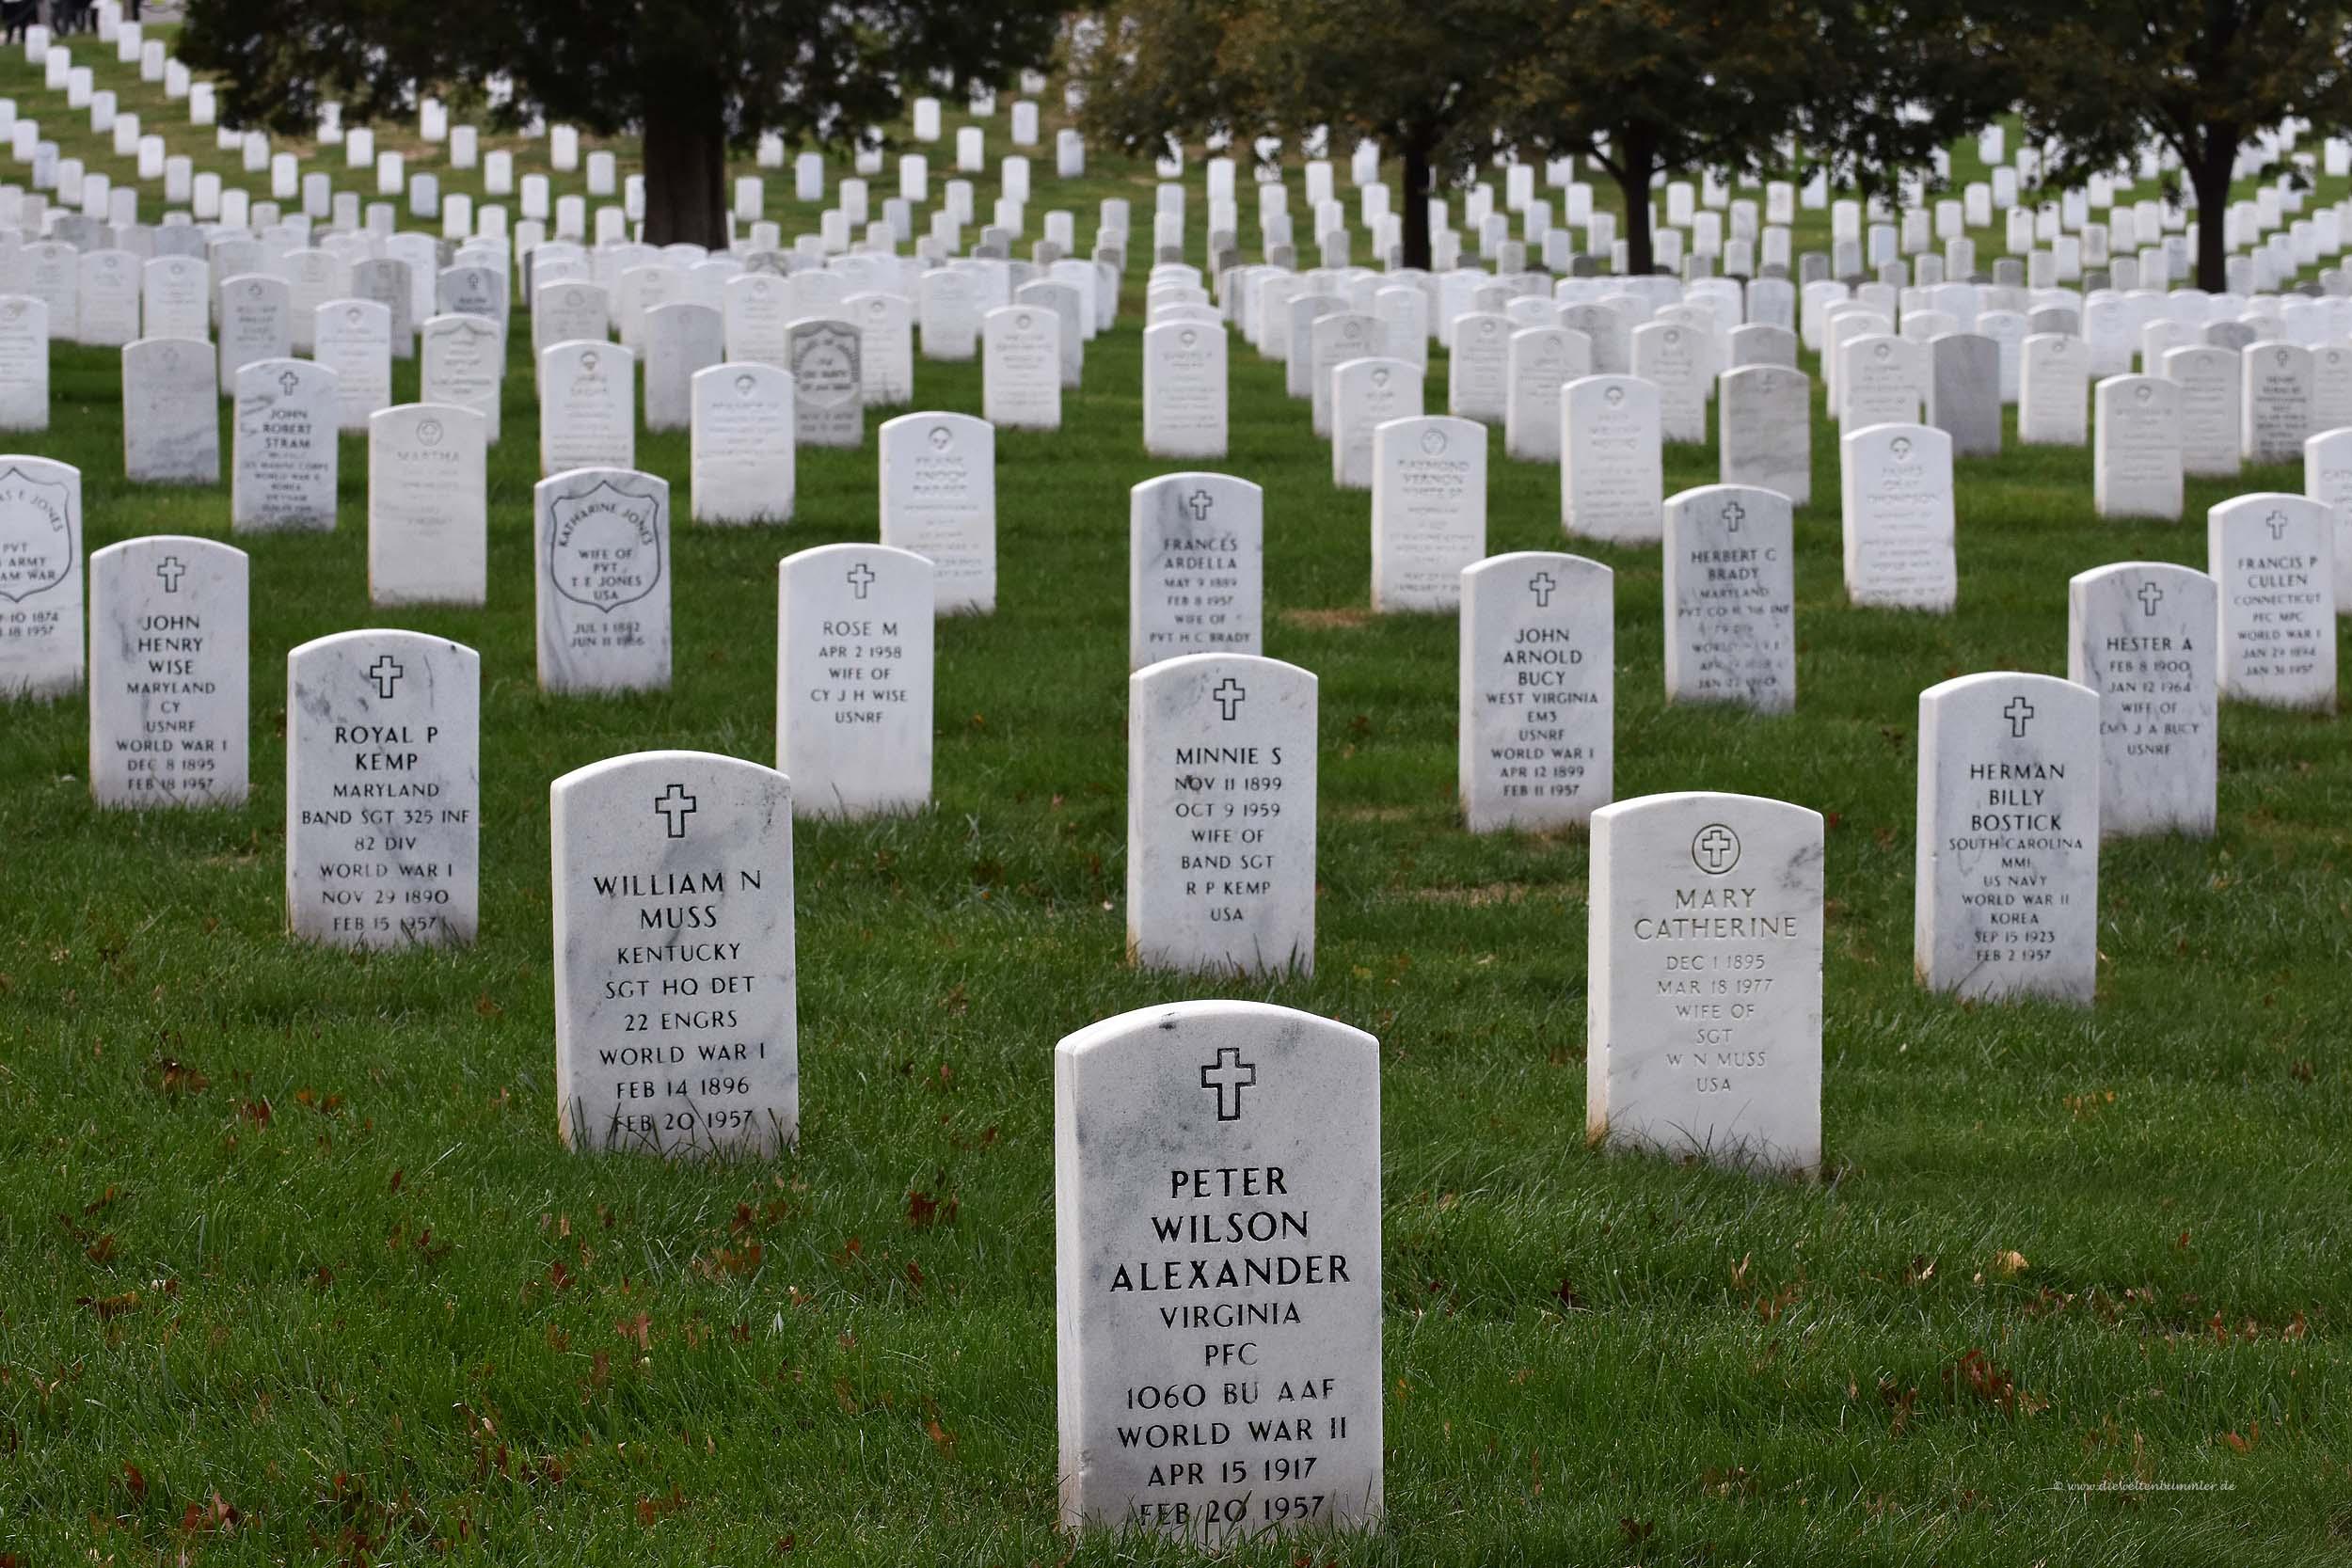 Unglaublich viele Grabsteine